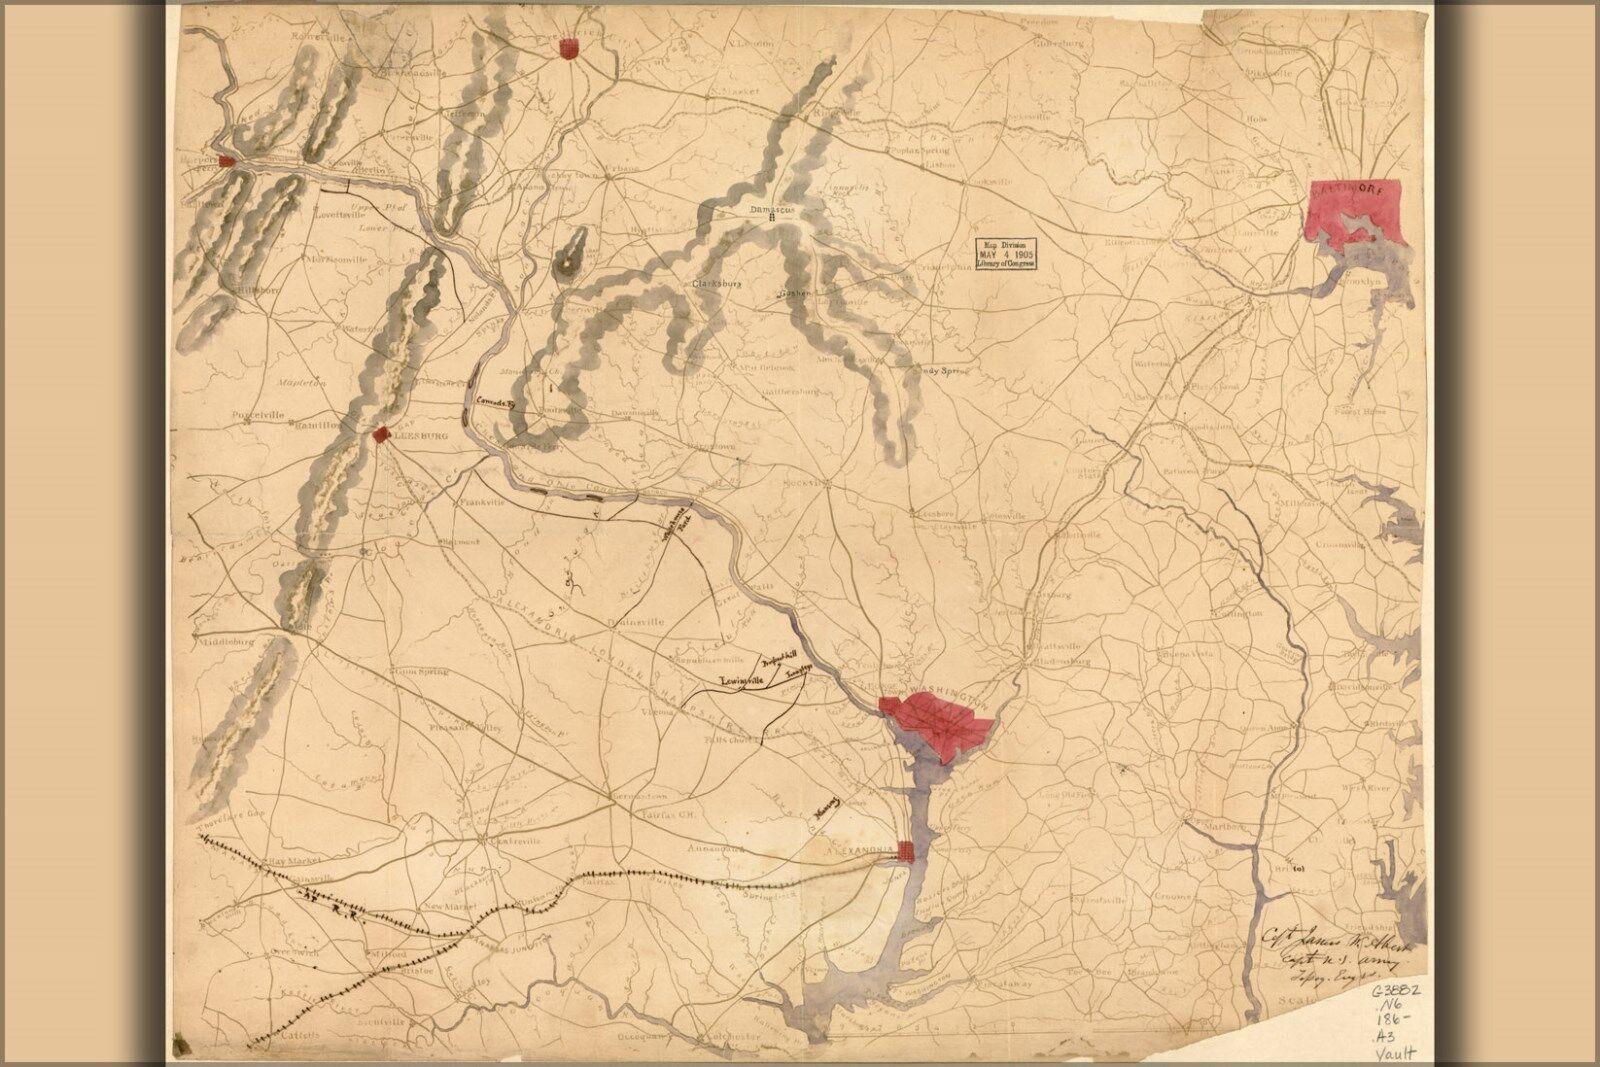 Plakat, Viele Größen; Karte von Nördlich Virginia & Teil Maryland 1862